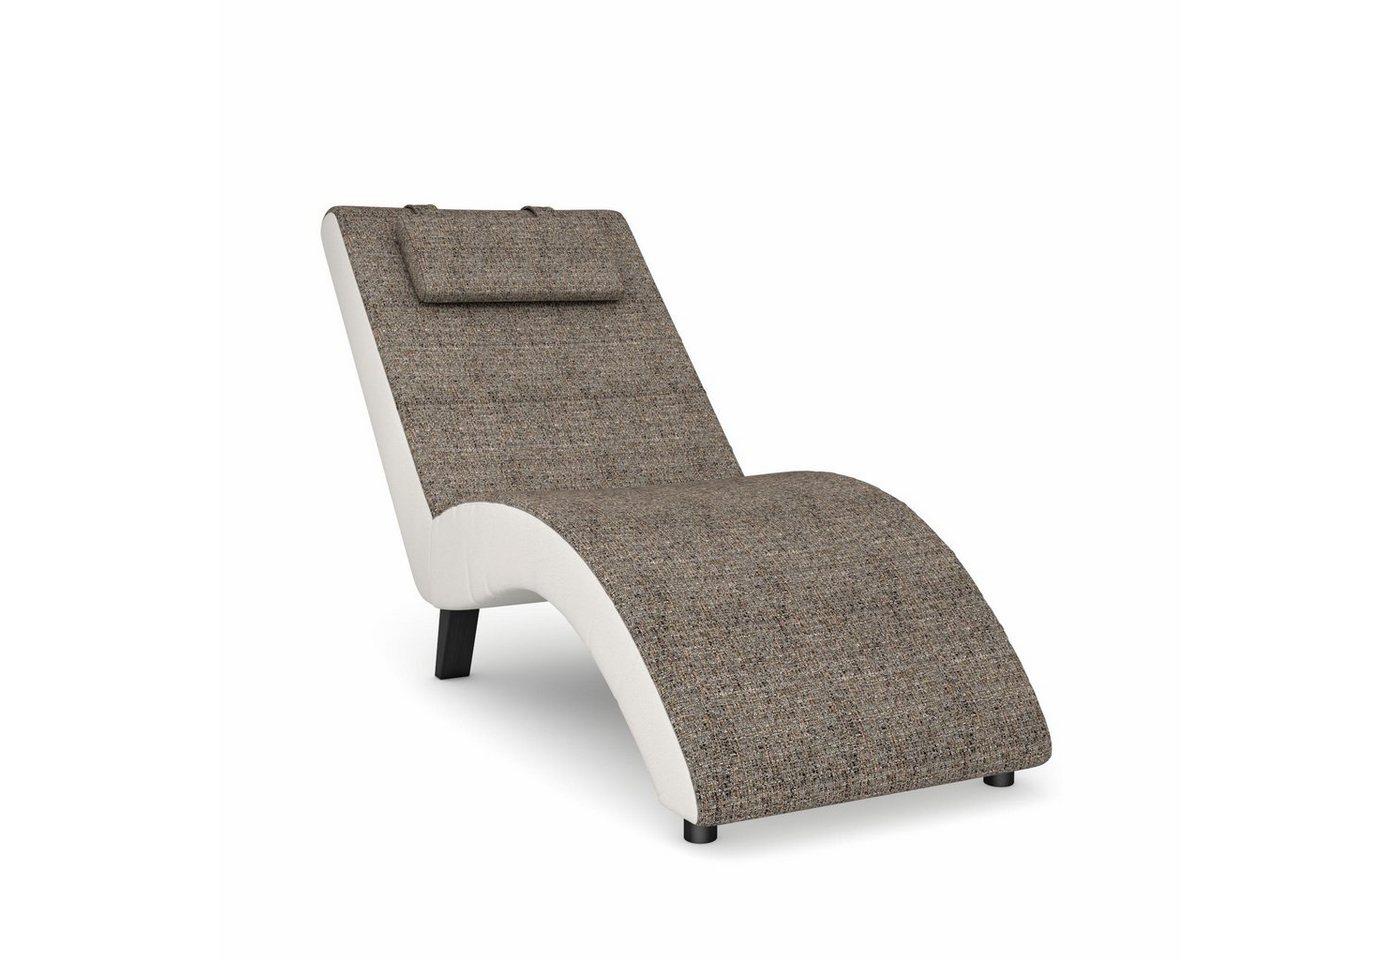 nackenkissen f r sessel machen sie den preisvergleich. Black Bedroom Furniture Sets. Home Design Ideas